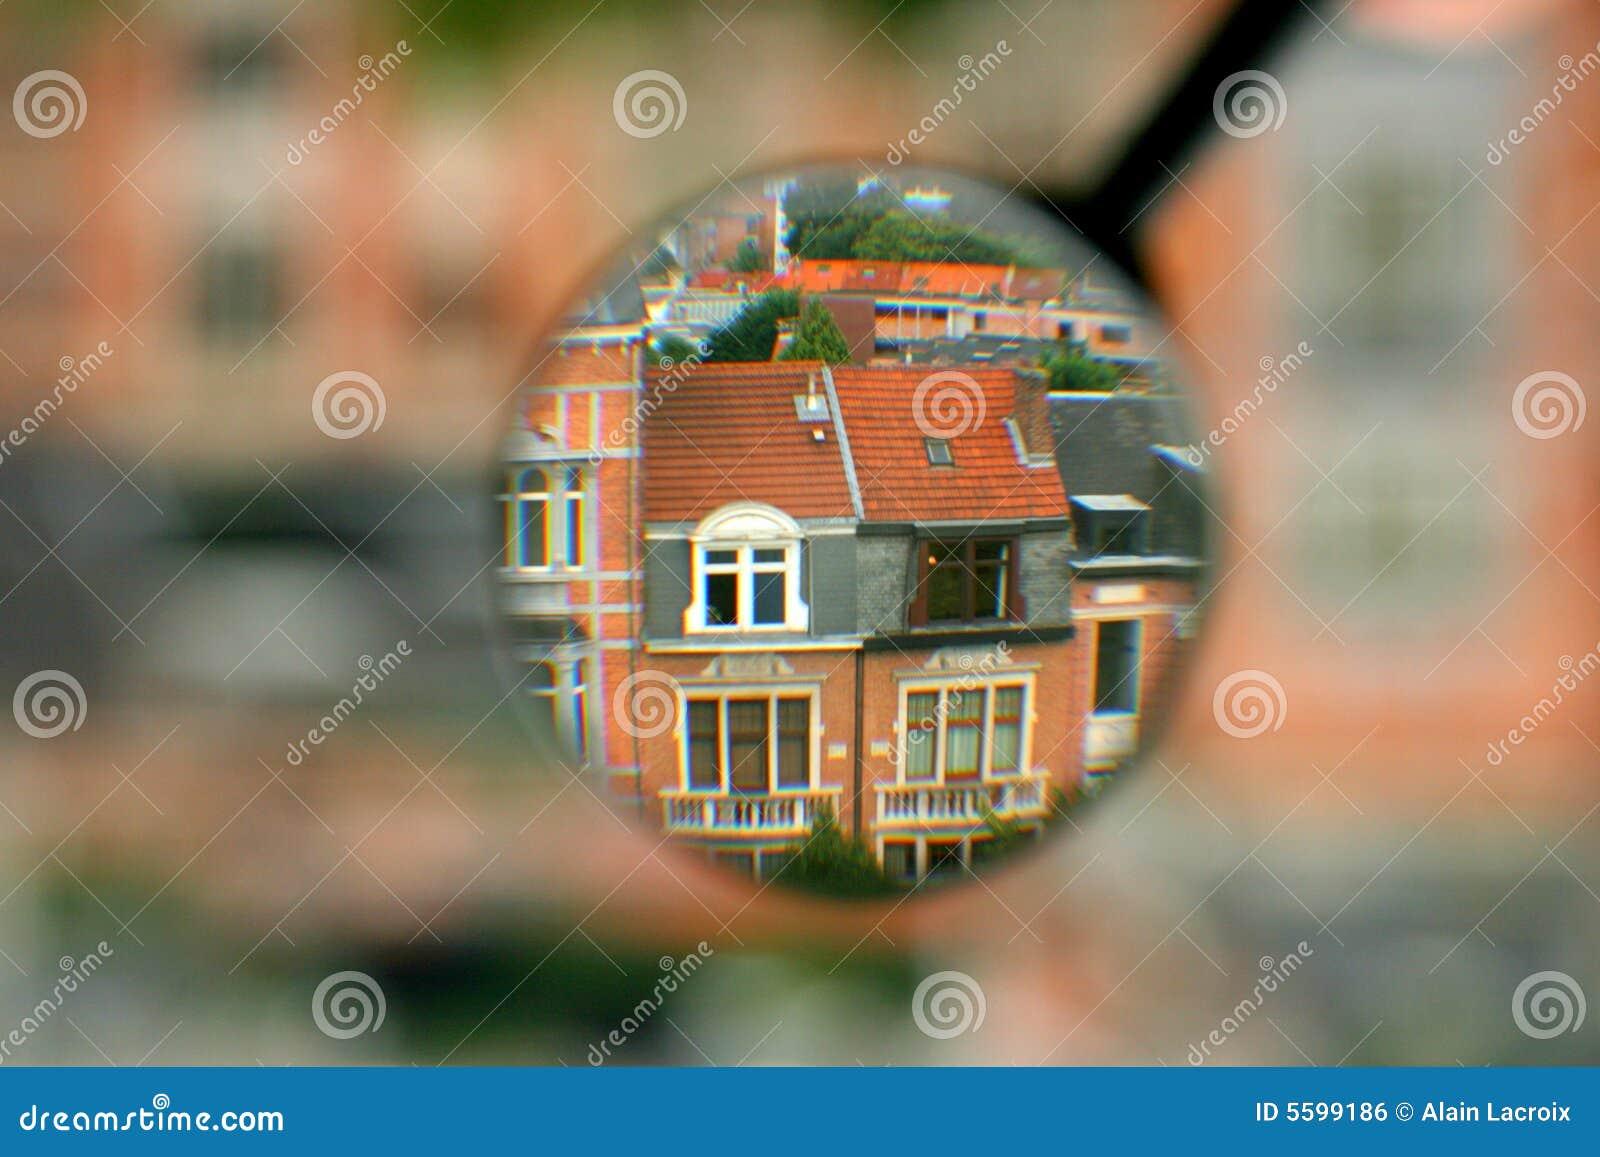 Suchen nach einem Haus